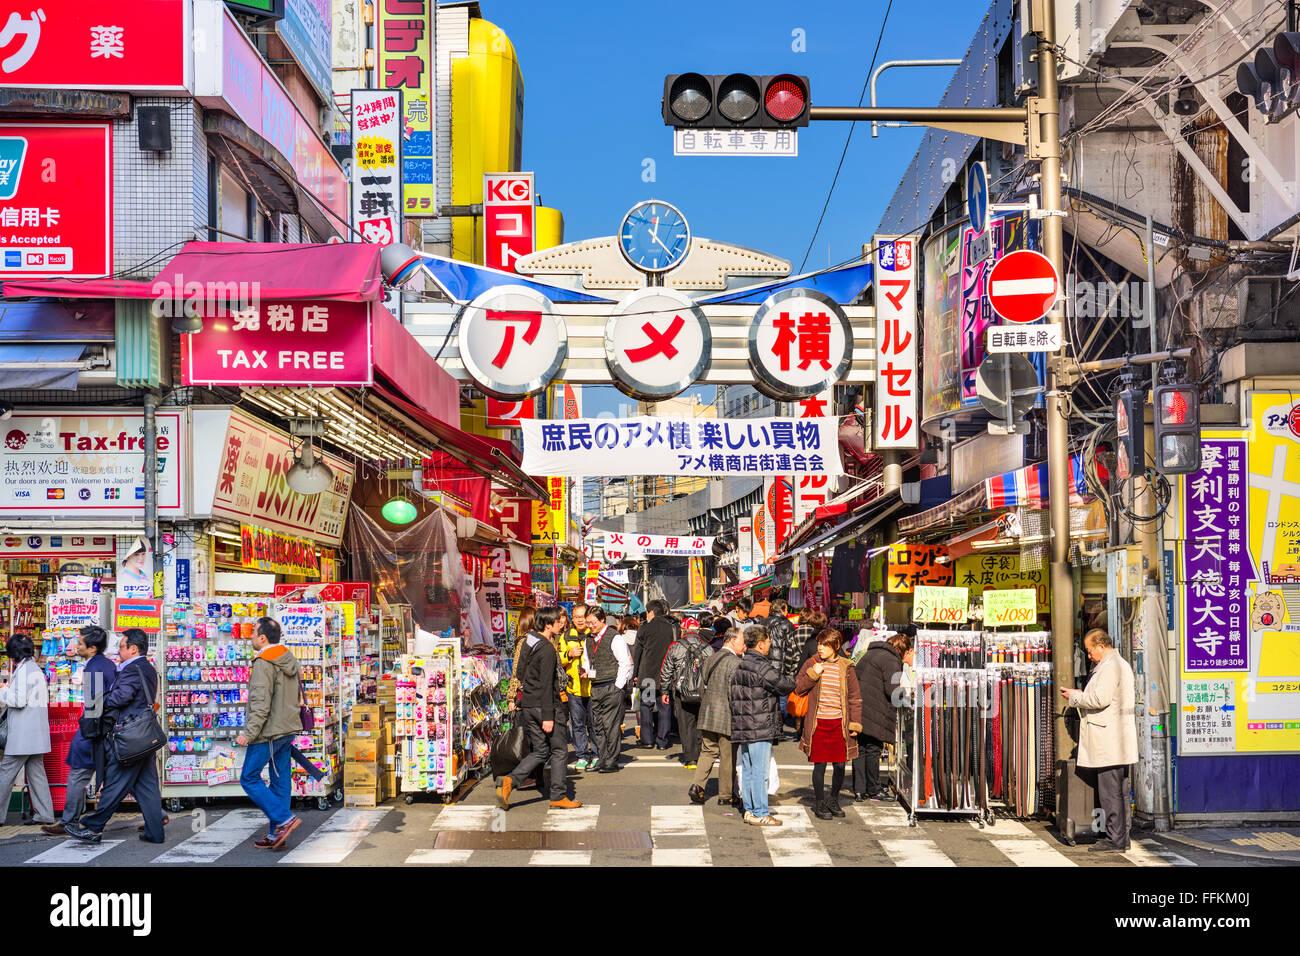 Las multitudes en Ameyoko distrito comercial de Tokio, Japón. Imagen De Stock